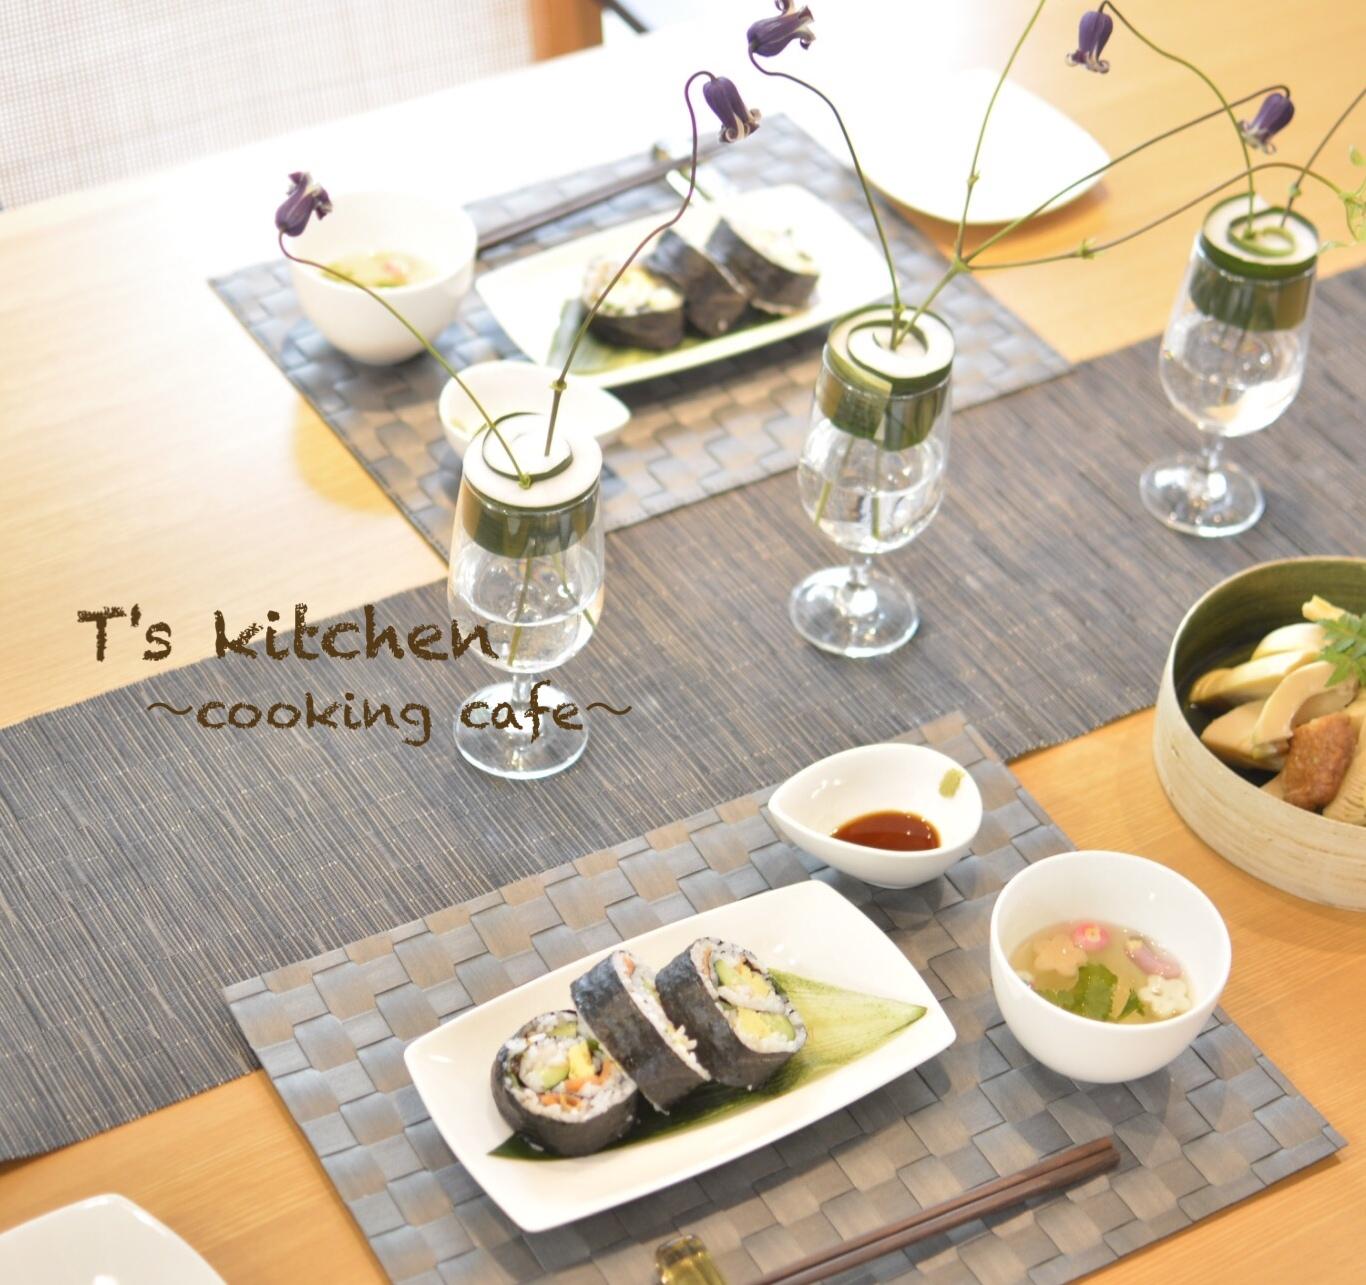 彩り太巻き寿司&太巻きグラス(フラレピ)